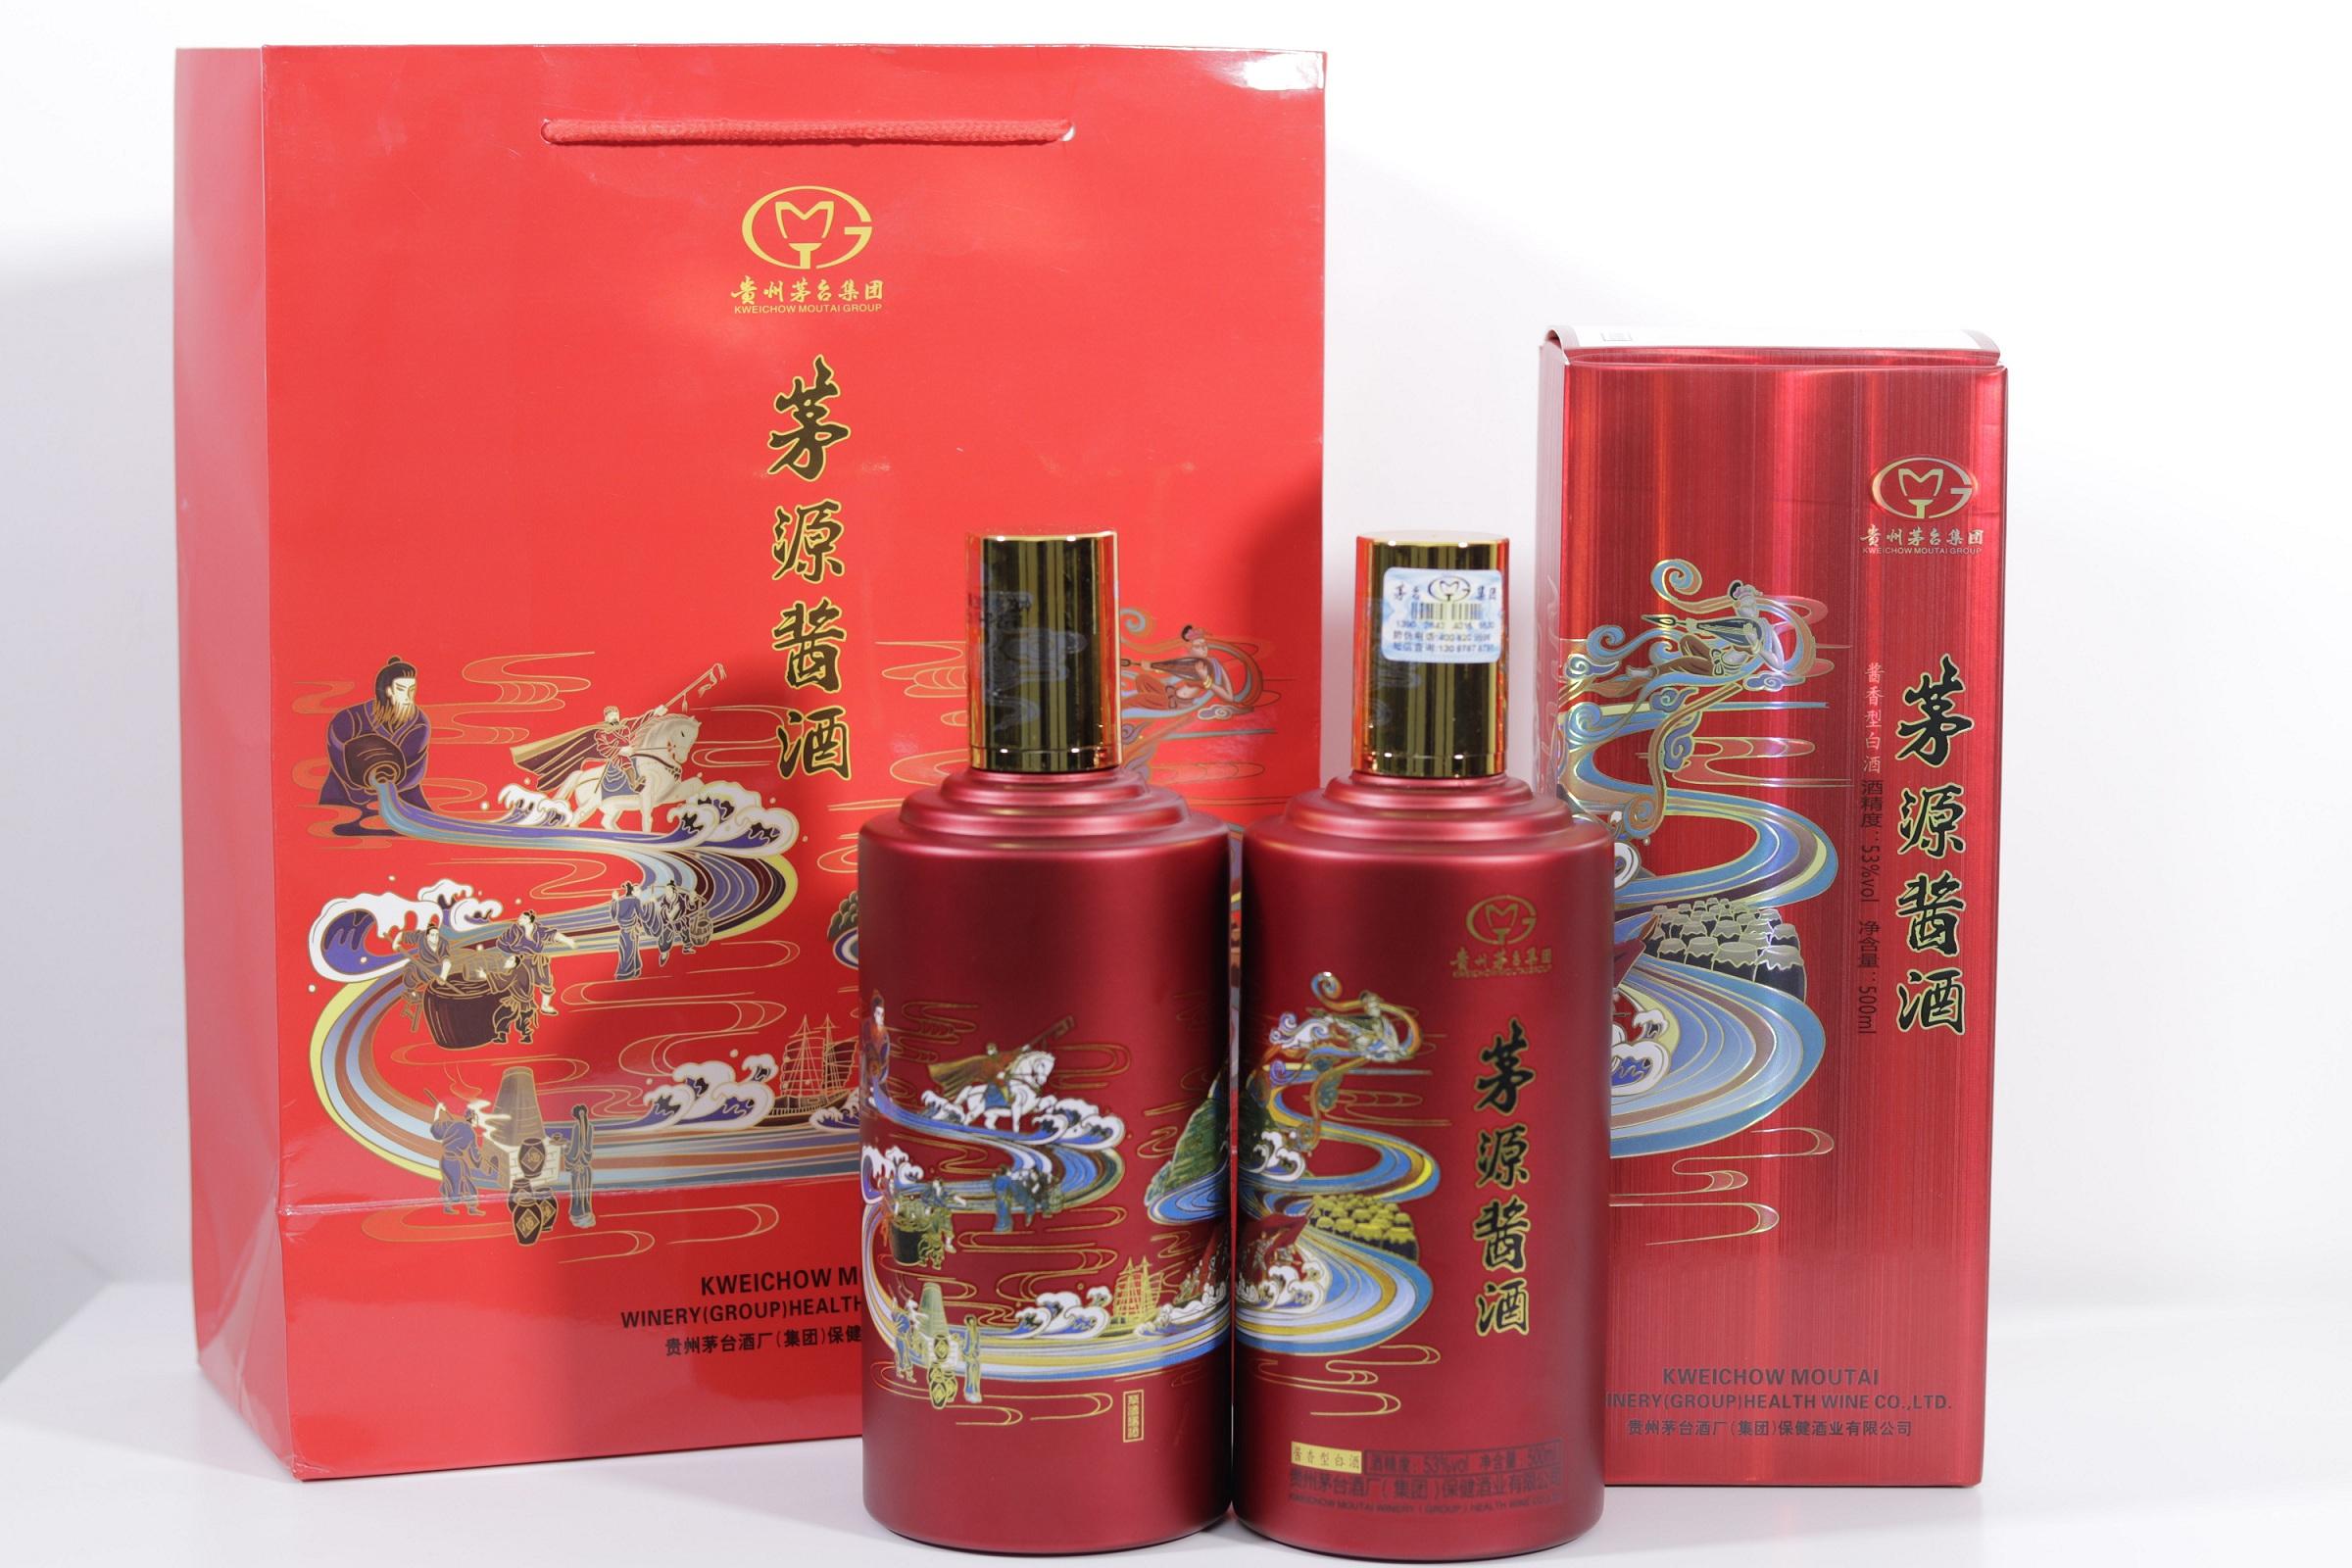 茅源酱酒传承千年茅台品质,创新白酒文化